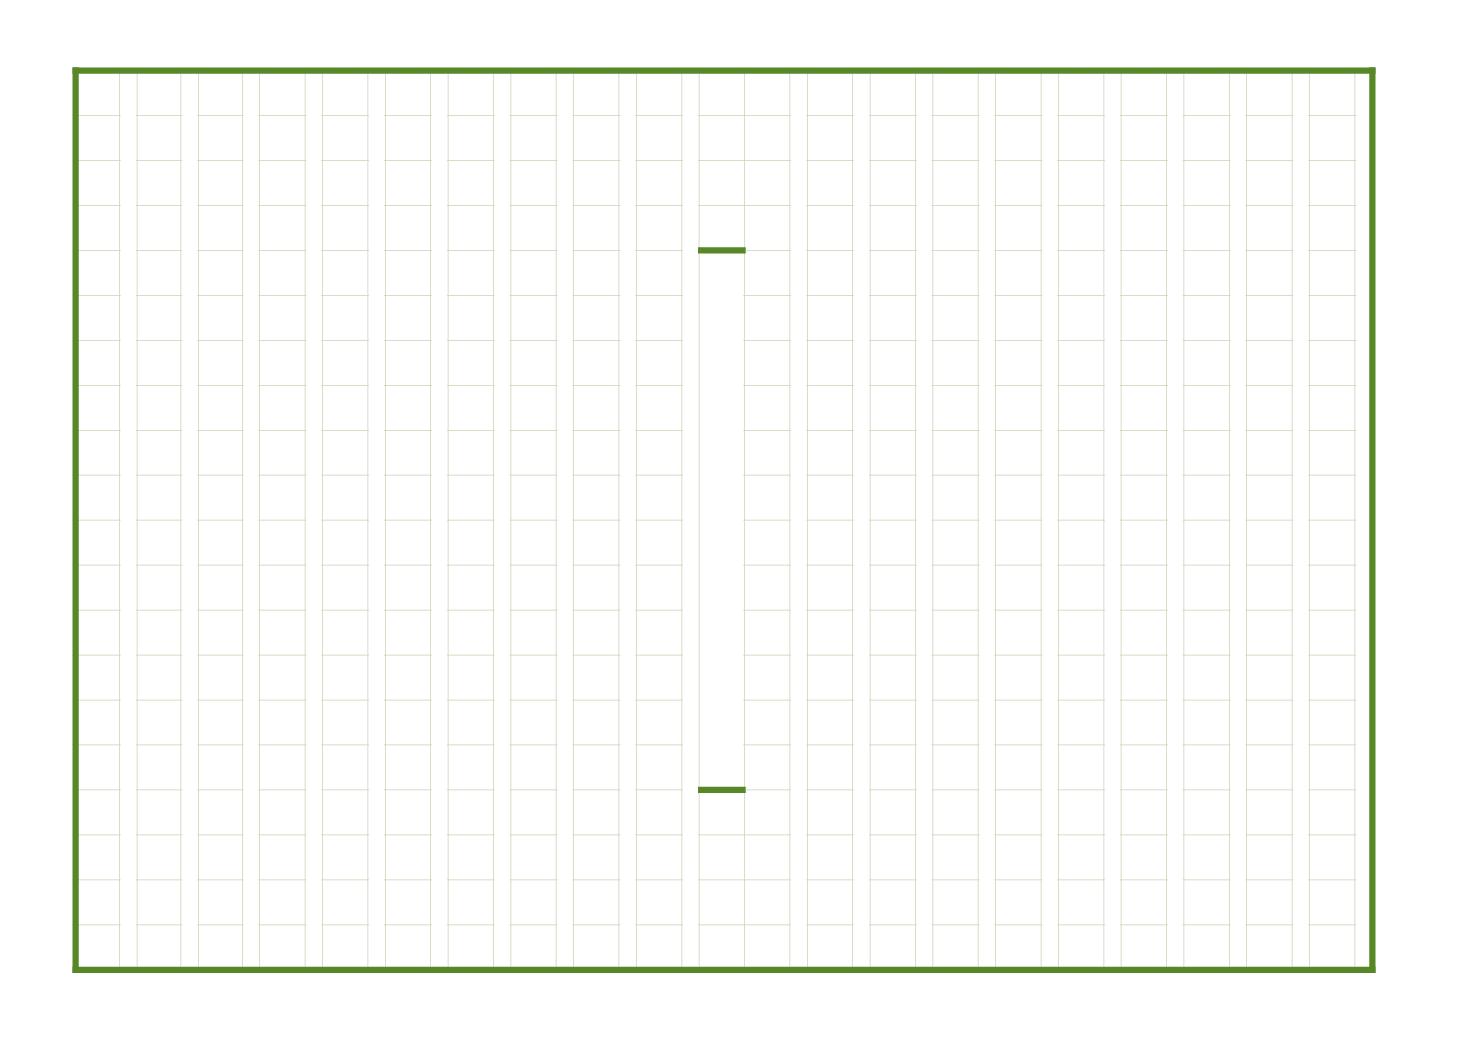 原稿用紙(作文用紙)のテンプレート(エクセル・ナンバーズ)ベーシックグリーンA4横